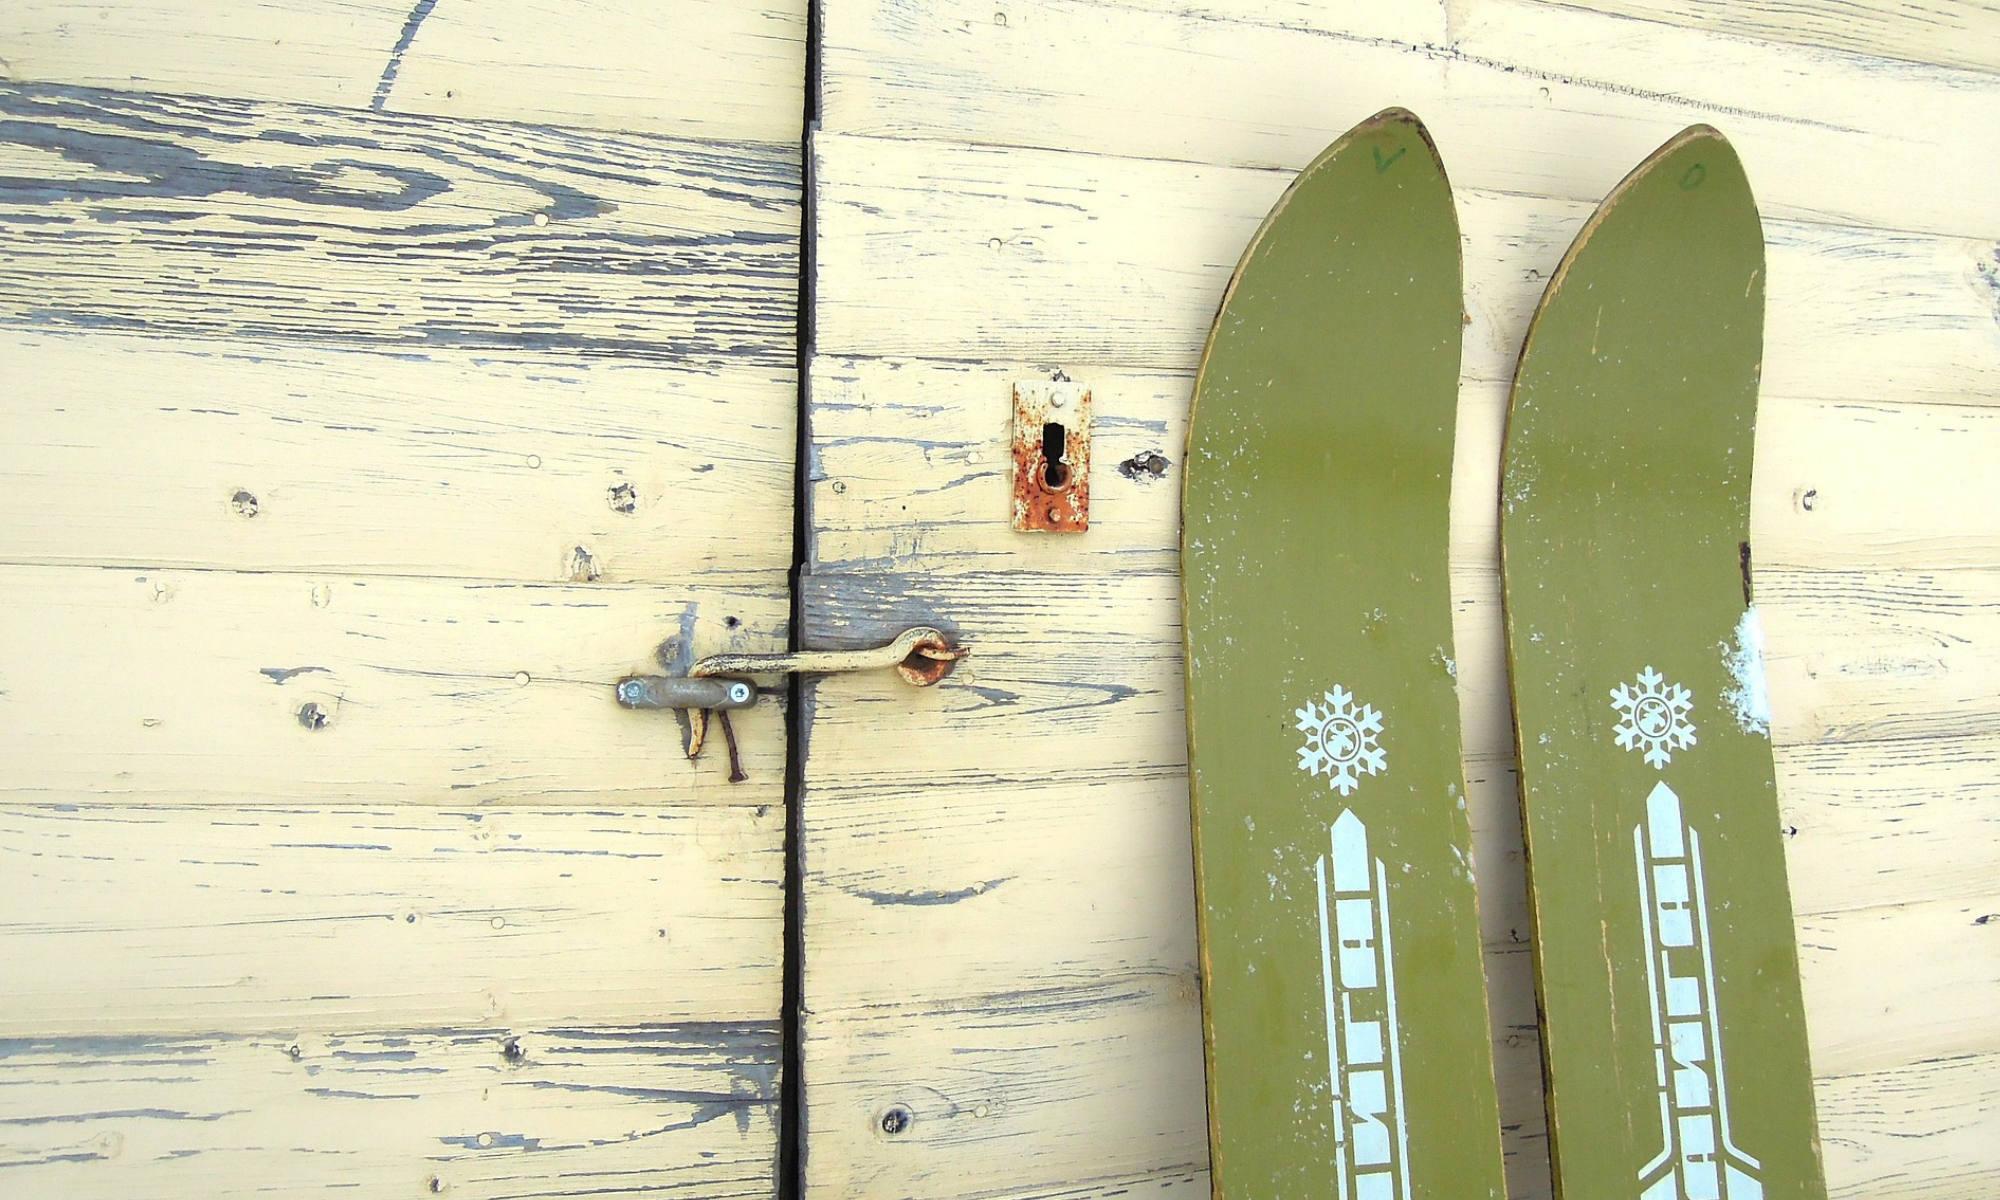 Eine Nachstellung sehr breiter historischer Skier, wie sie in den Anfängen verwendet wurden.